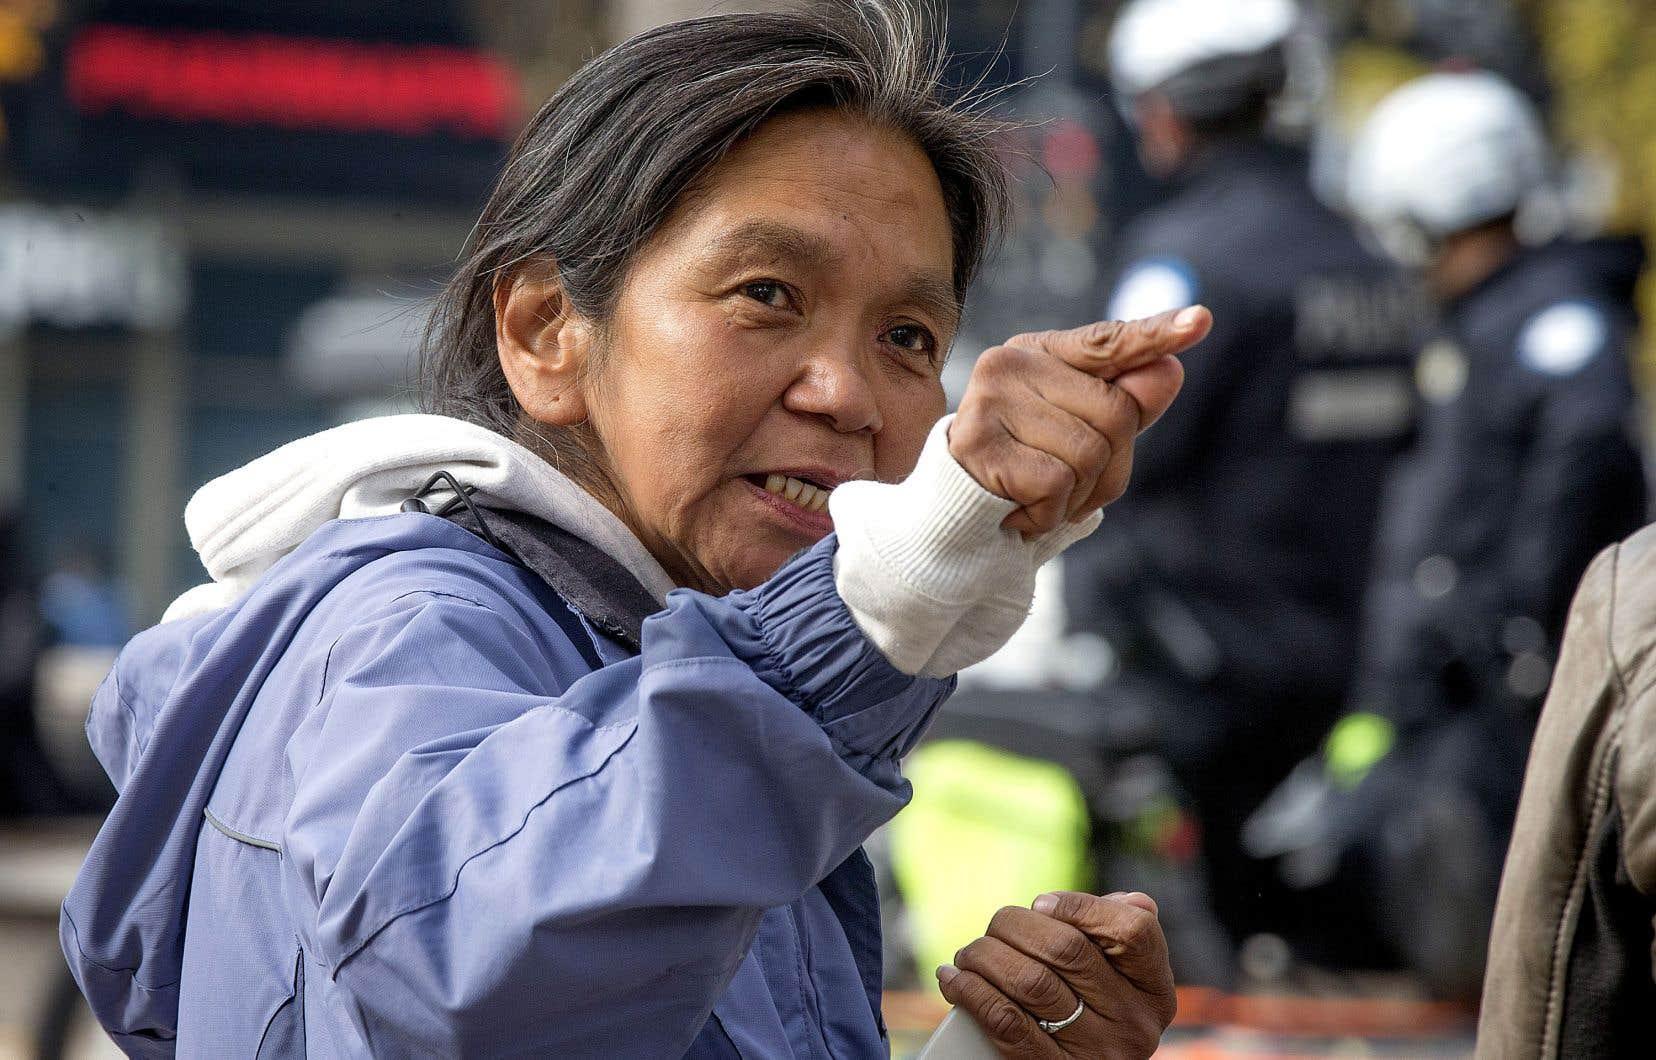 Au SPVM, on ne comptait aucune plainte en 2018 pour agression sexuelle contre des femmes autochtones au square Cabot. Des intervenants estiment que la réponse institutionnelle ne leur est pas adaptée.